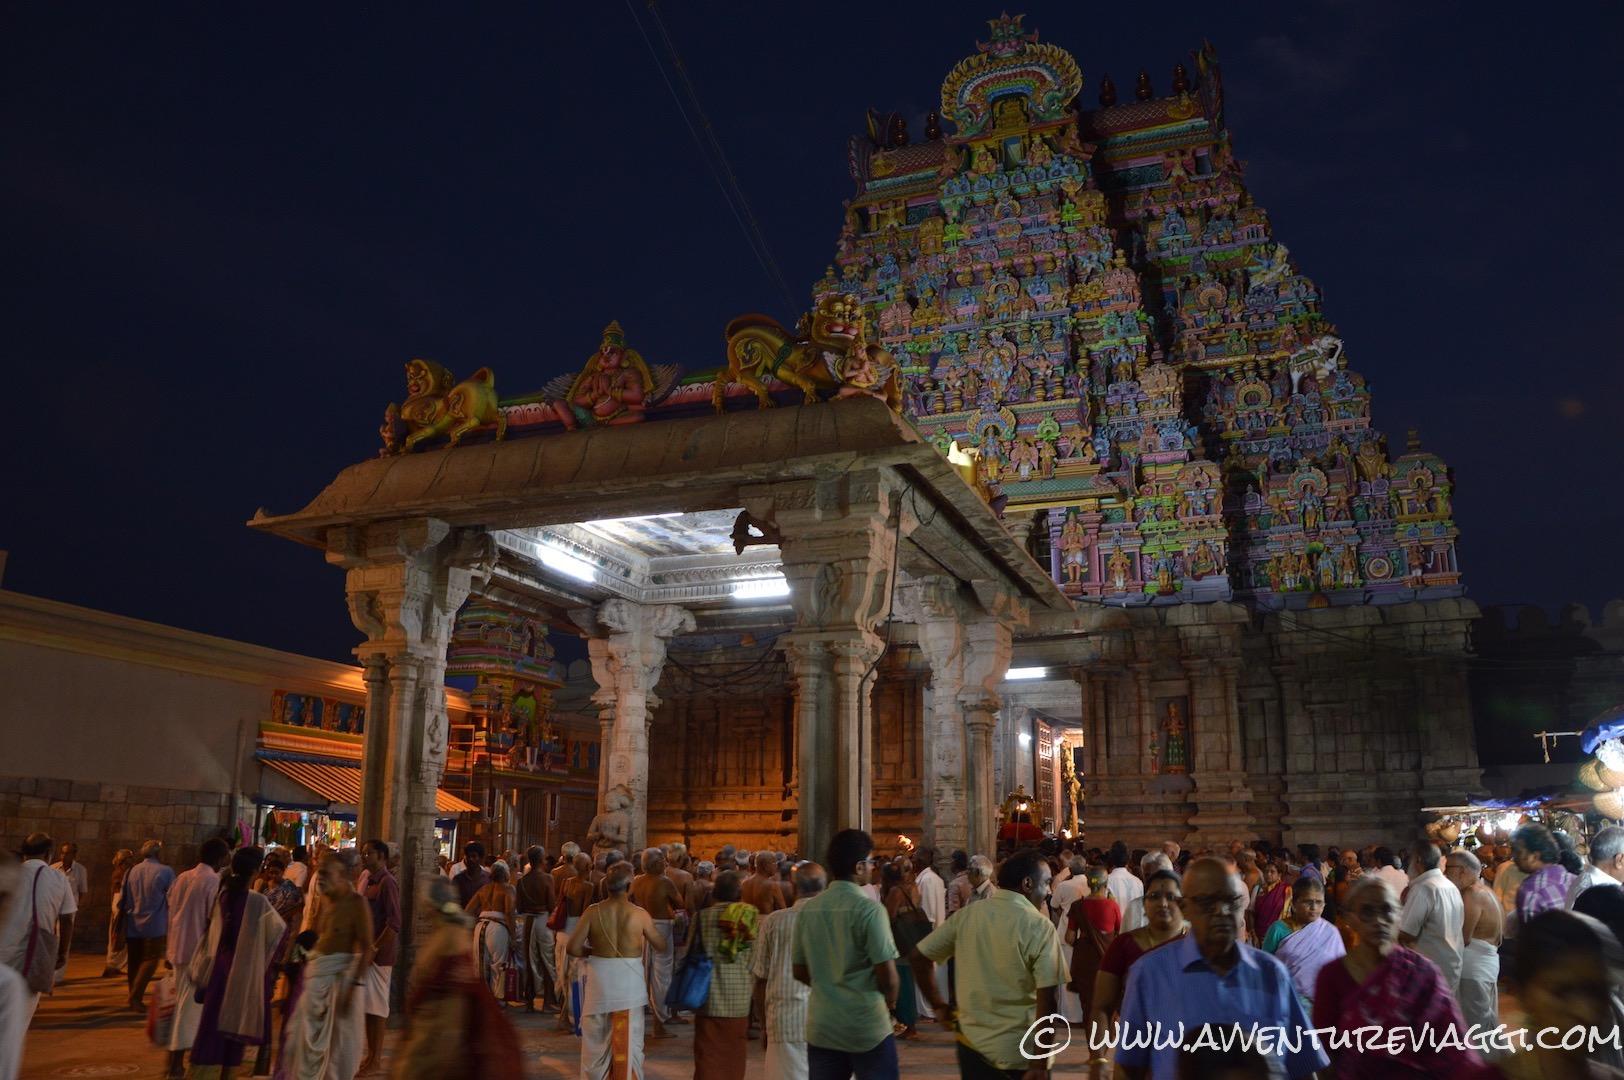 siti Web di incontri Tamil Nadu Velocità datazione Imaginales 2015